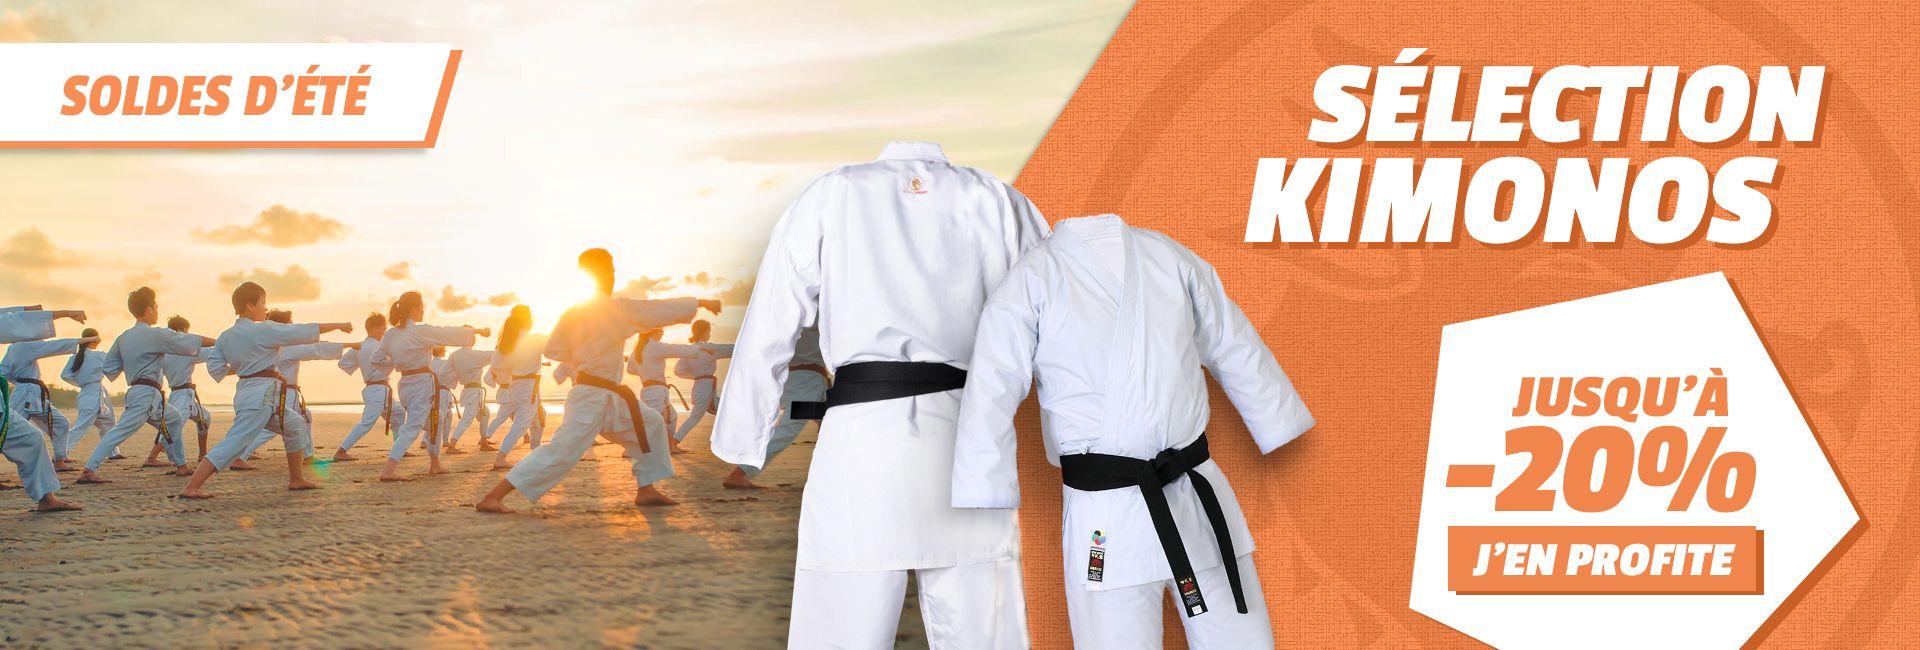 Soldes Budo-Fight : jusqu'à -20% sur les kimonos